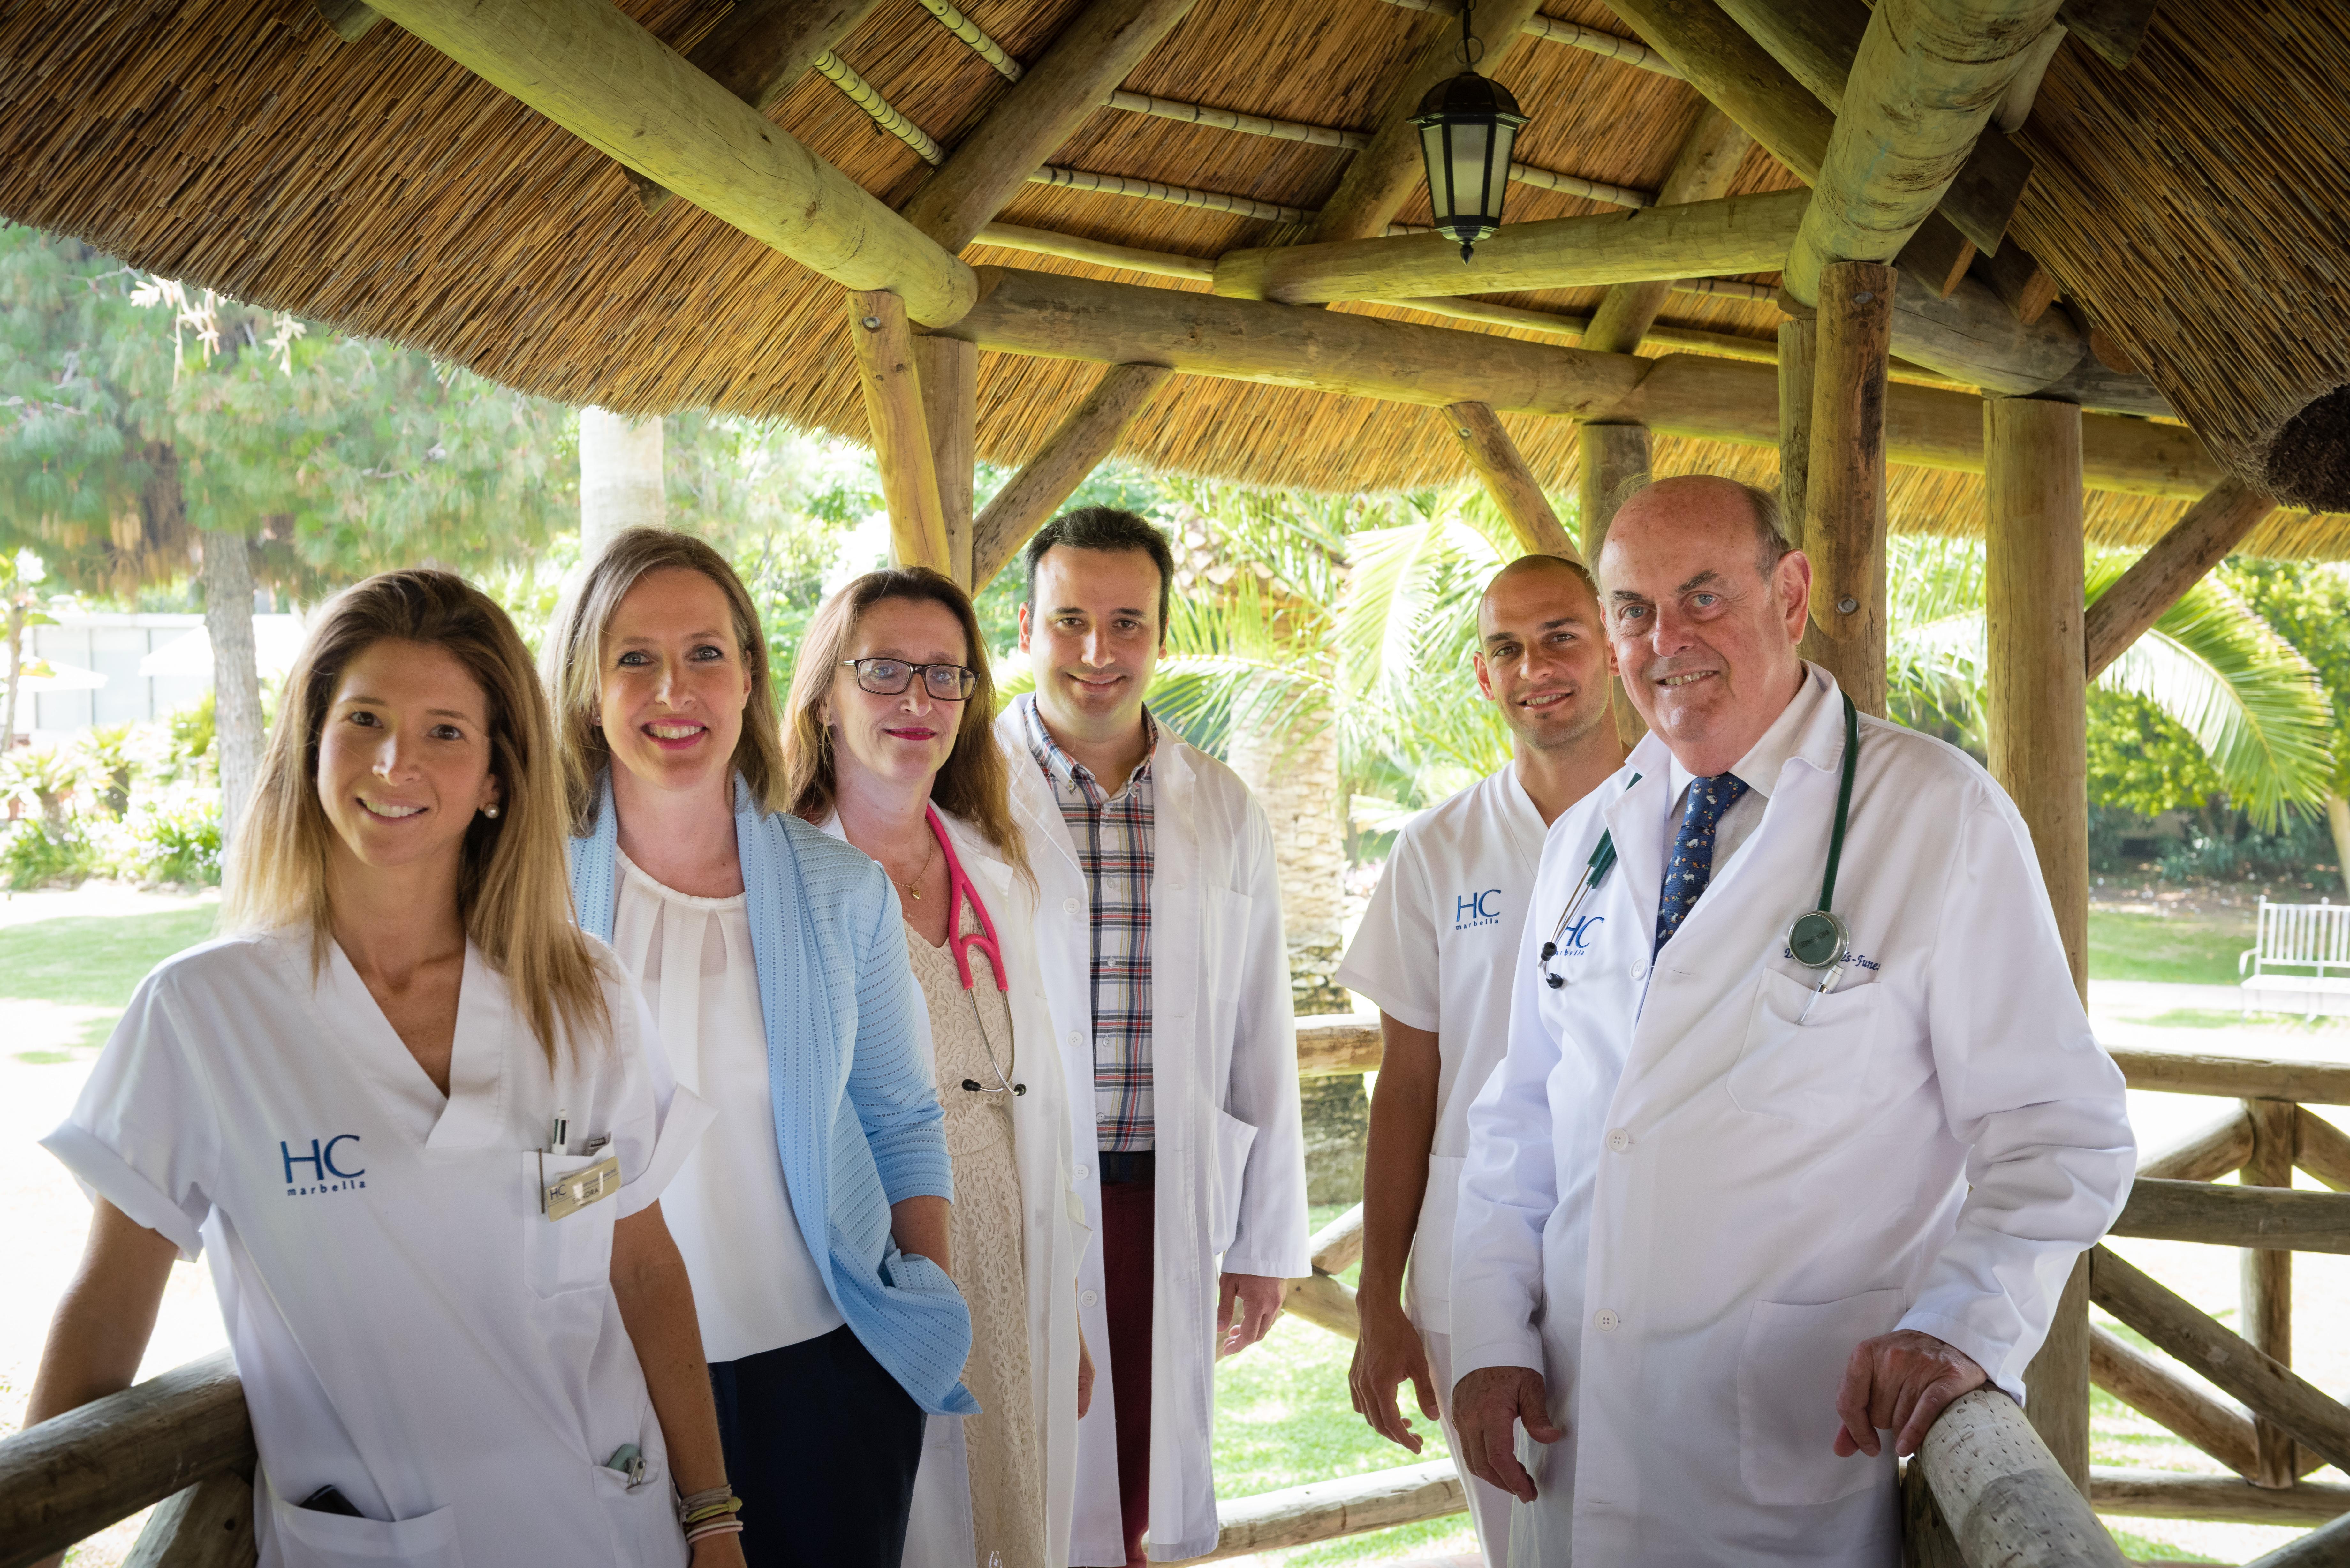 Agradecimiento al equipo de oncología